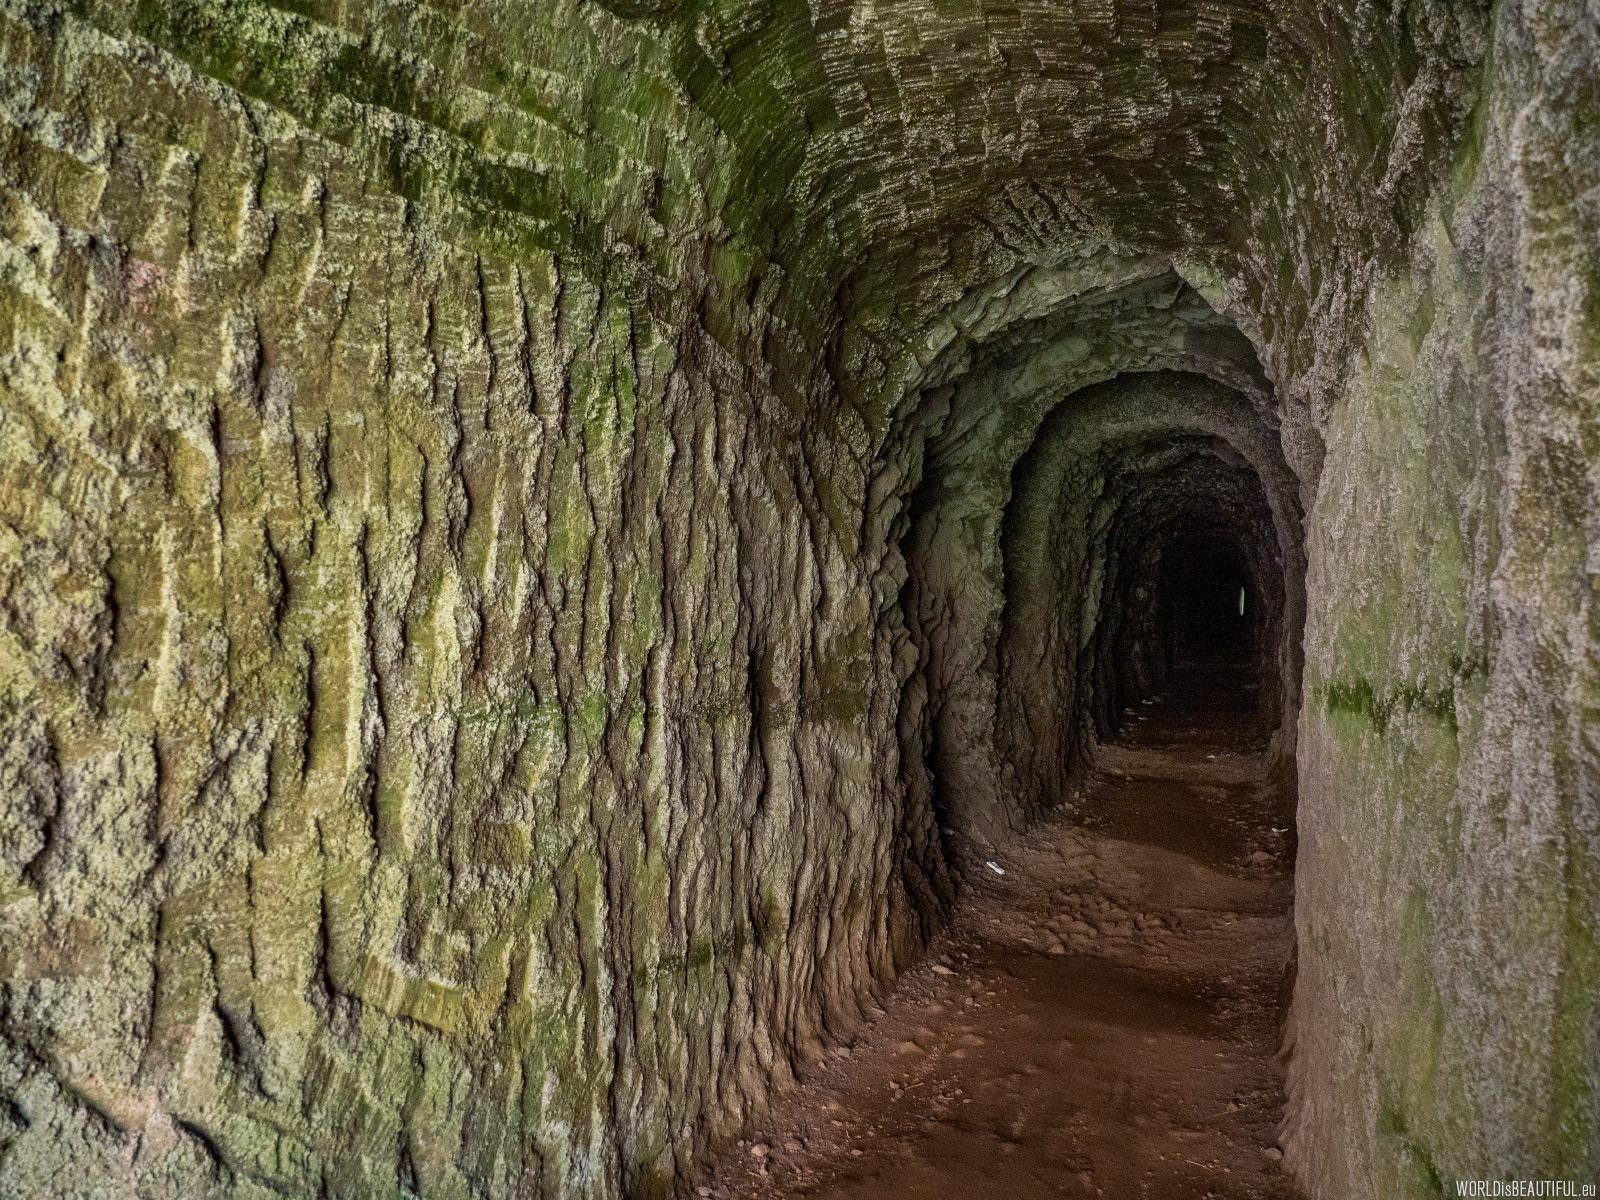 Trail through the tunnel